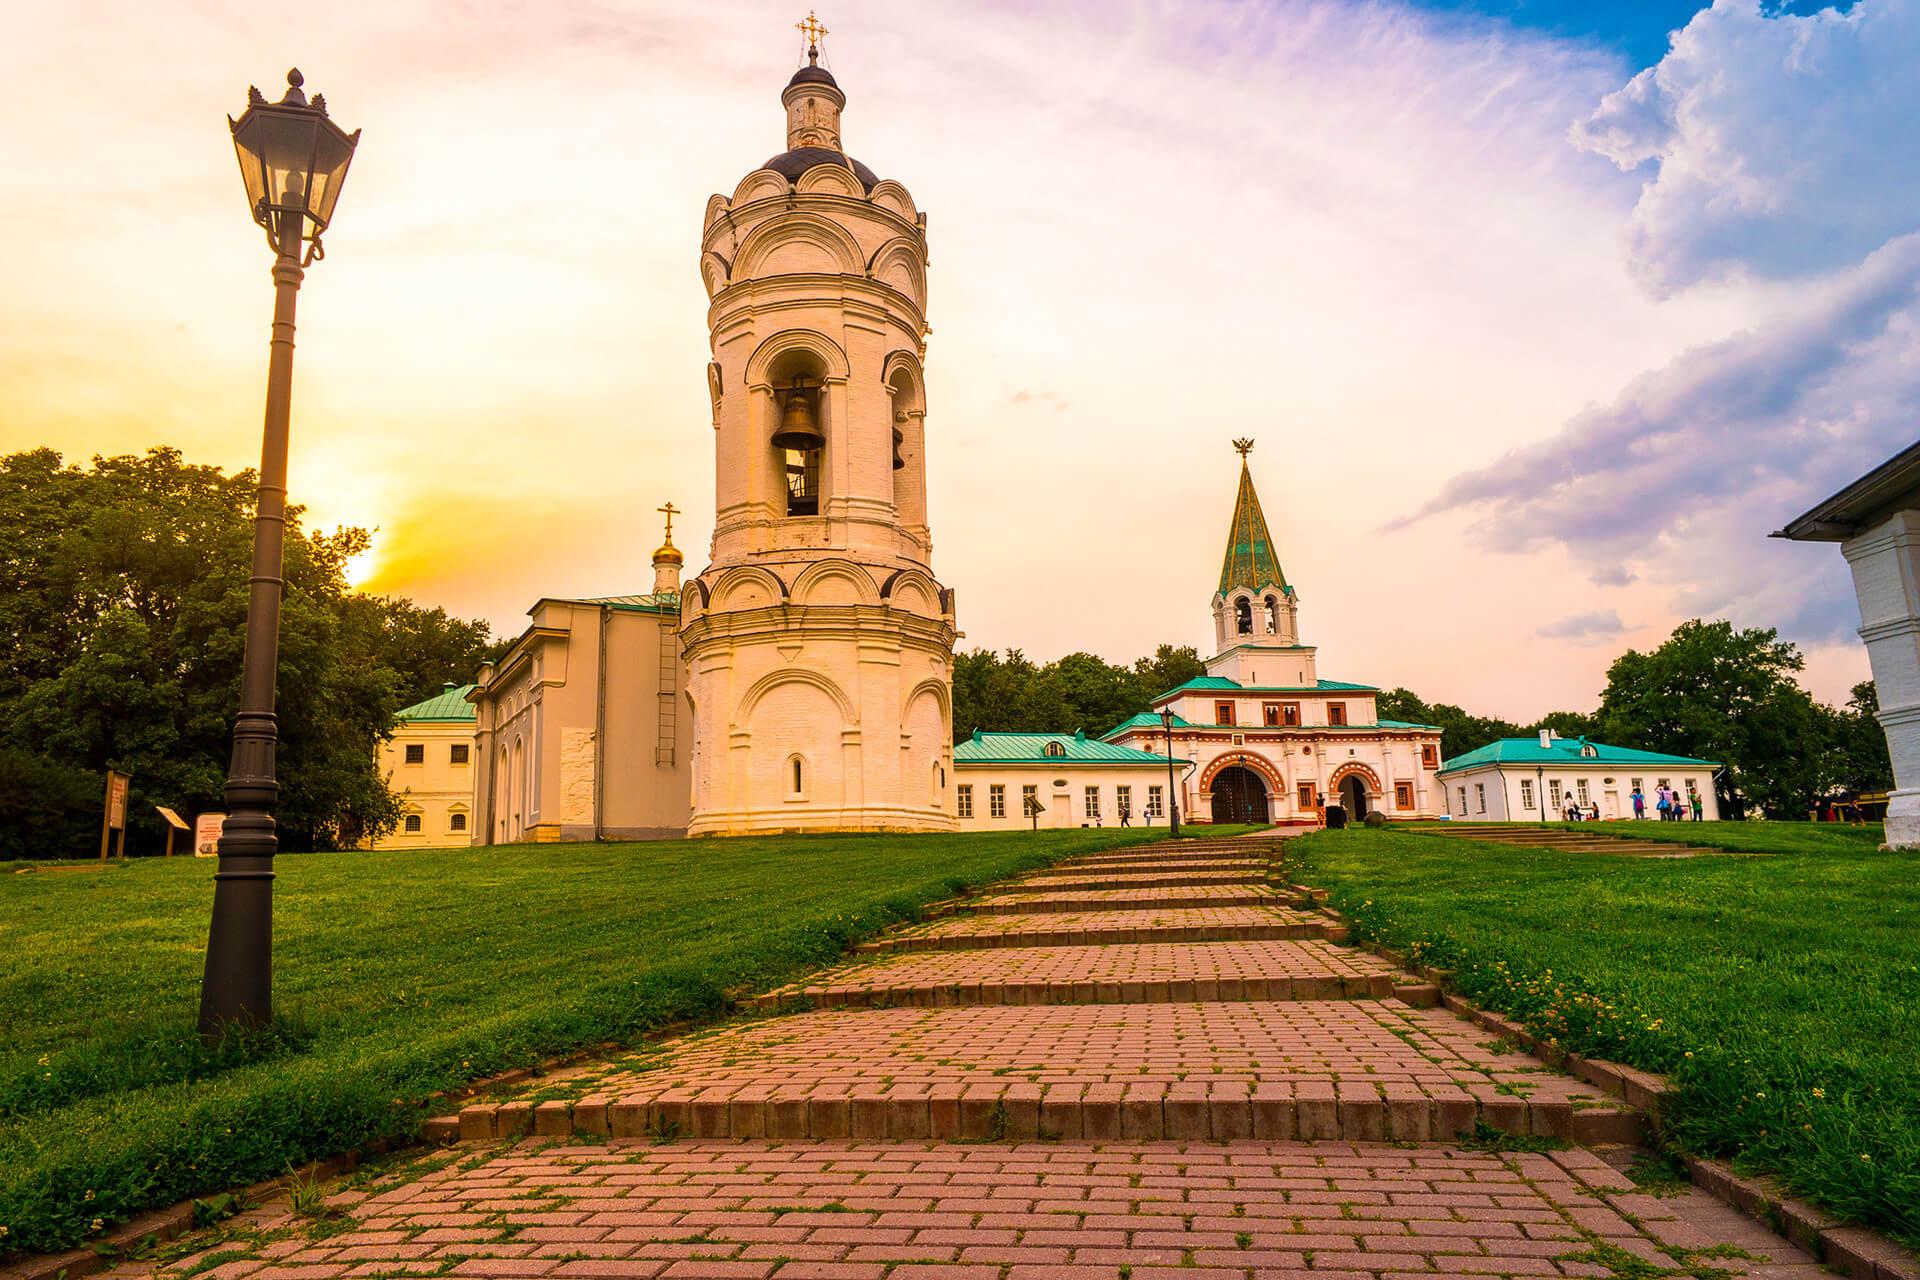 Park tour Kolomenskoye